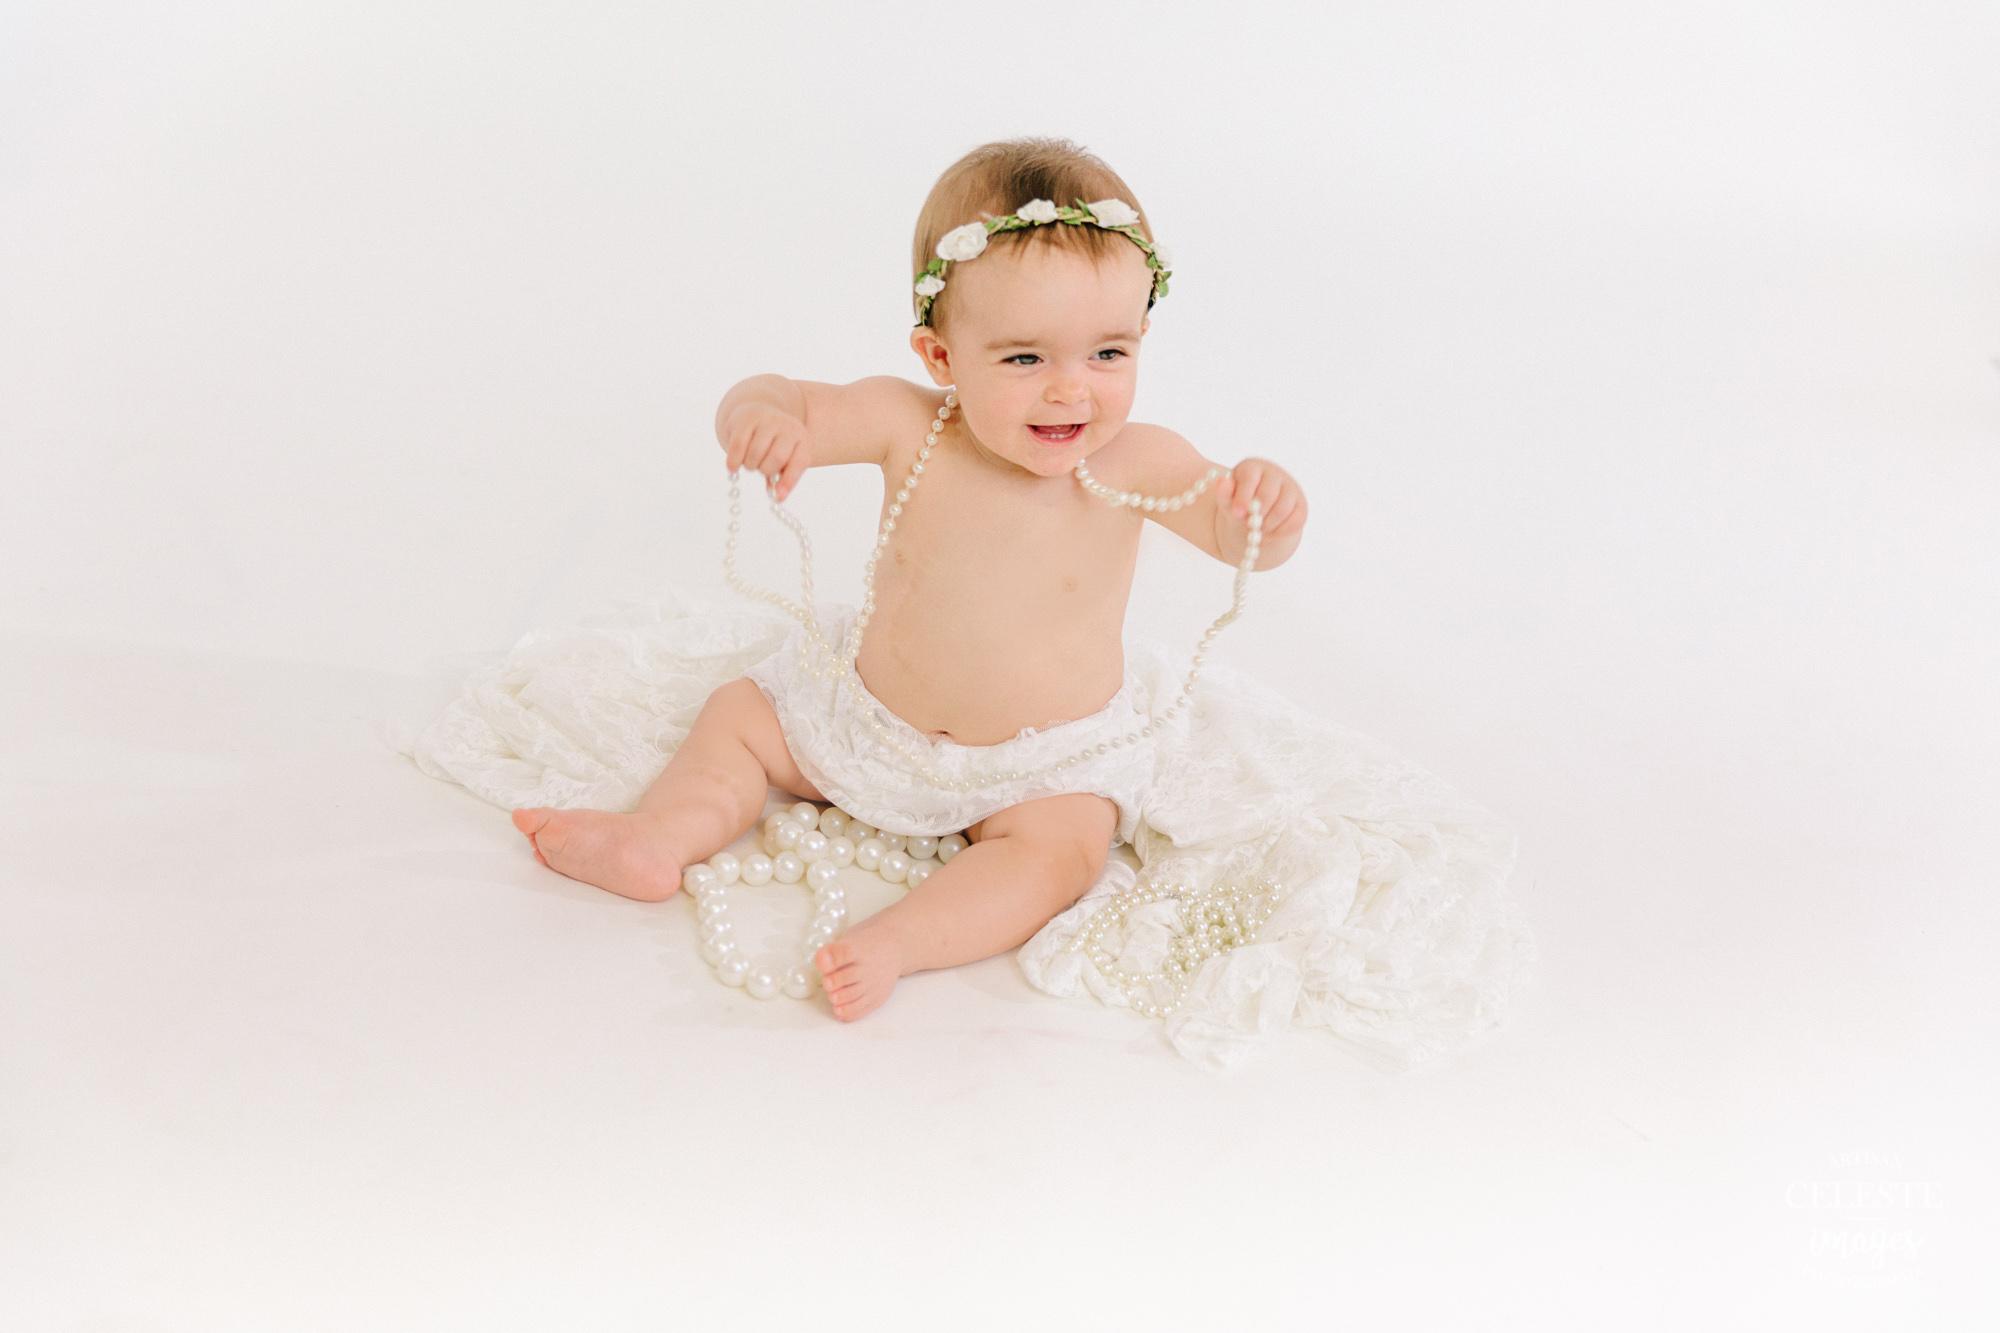 Photographe bébé Romainville